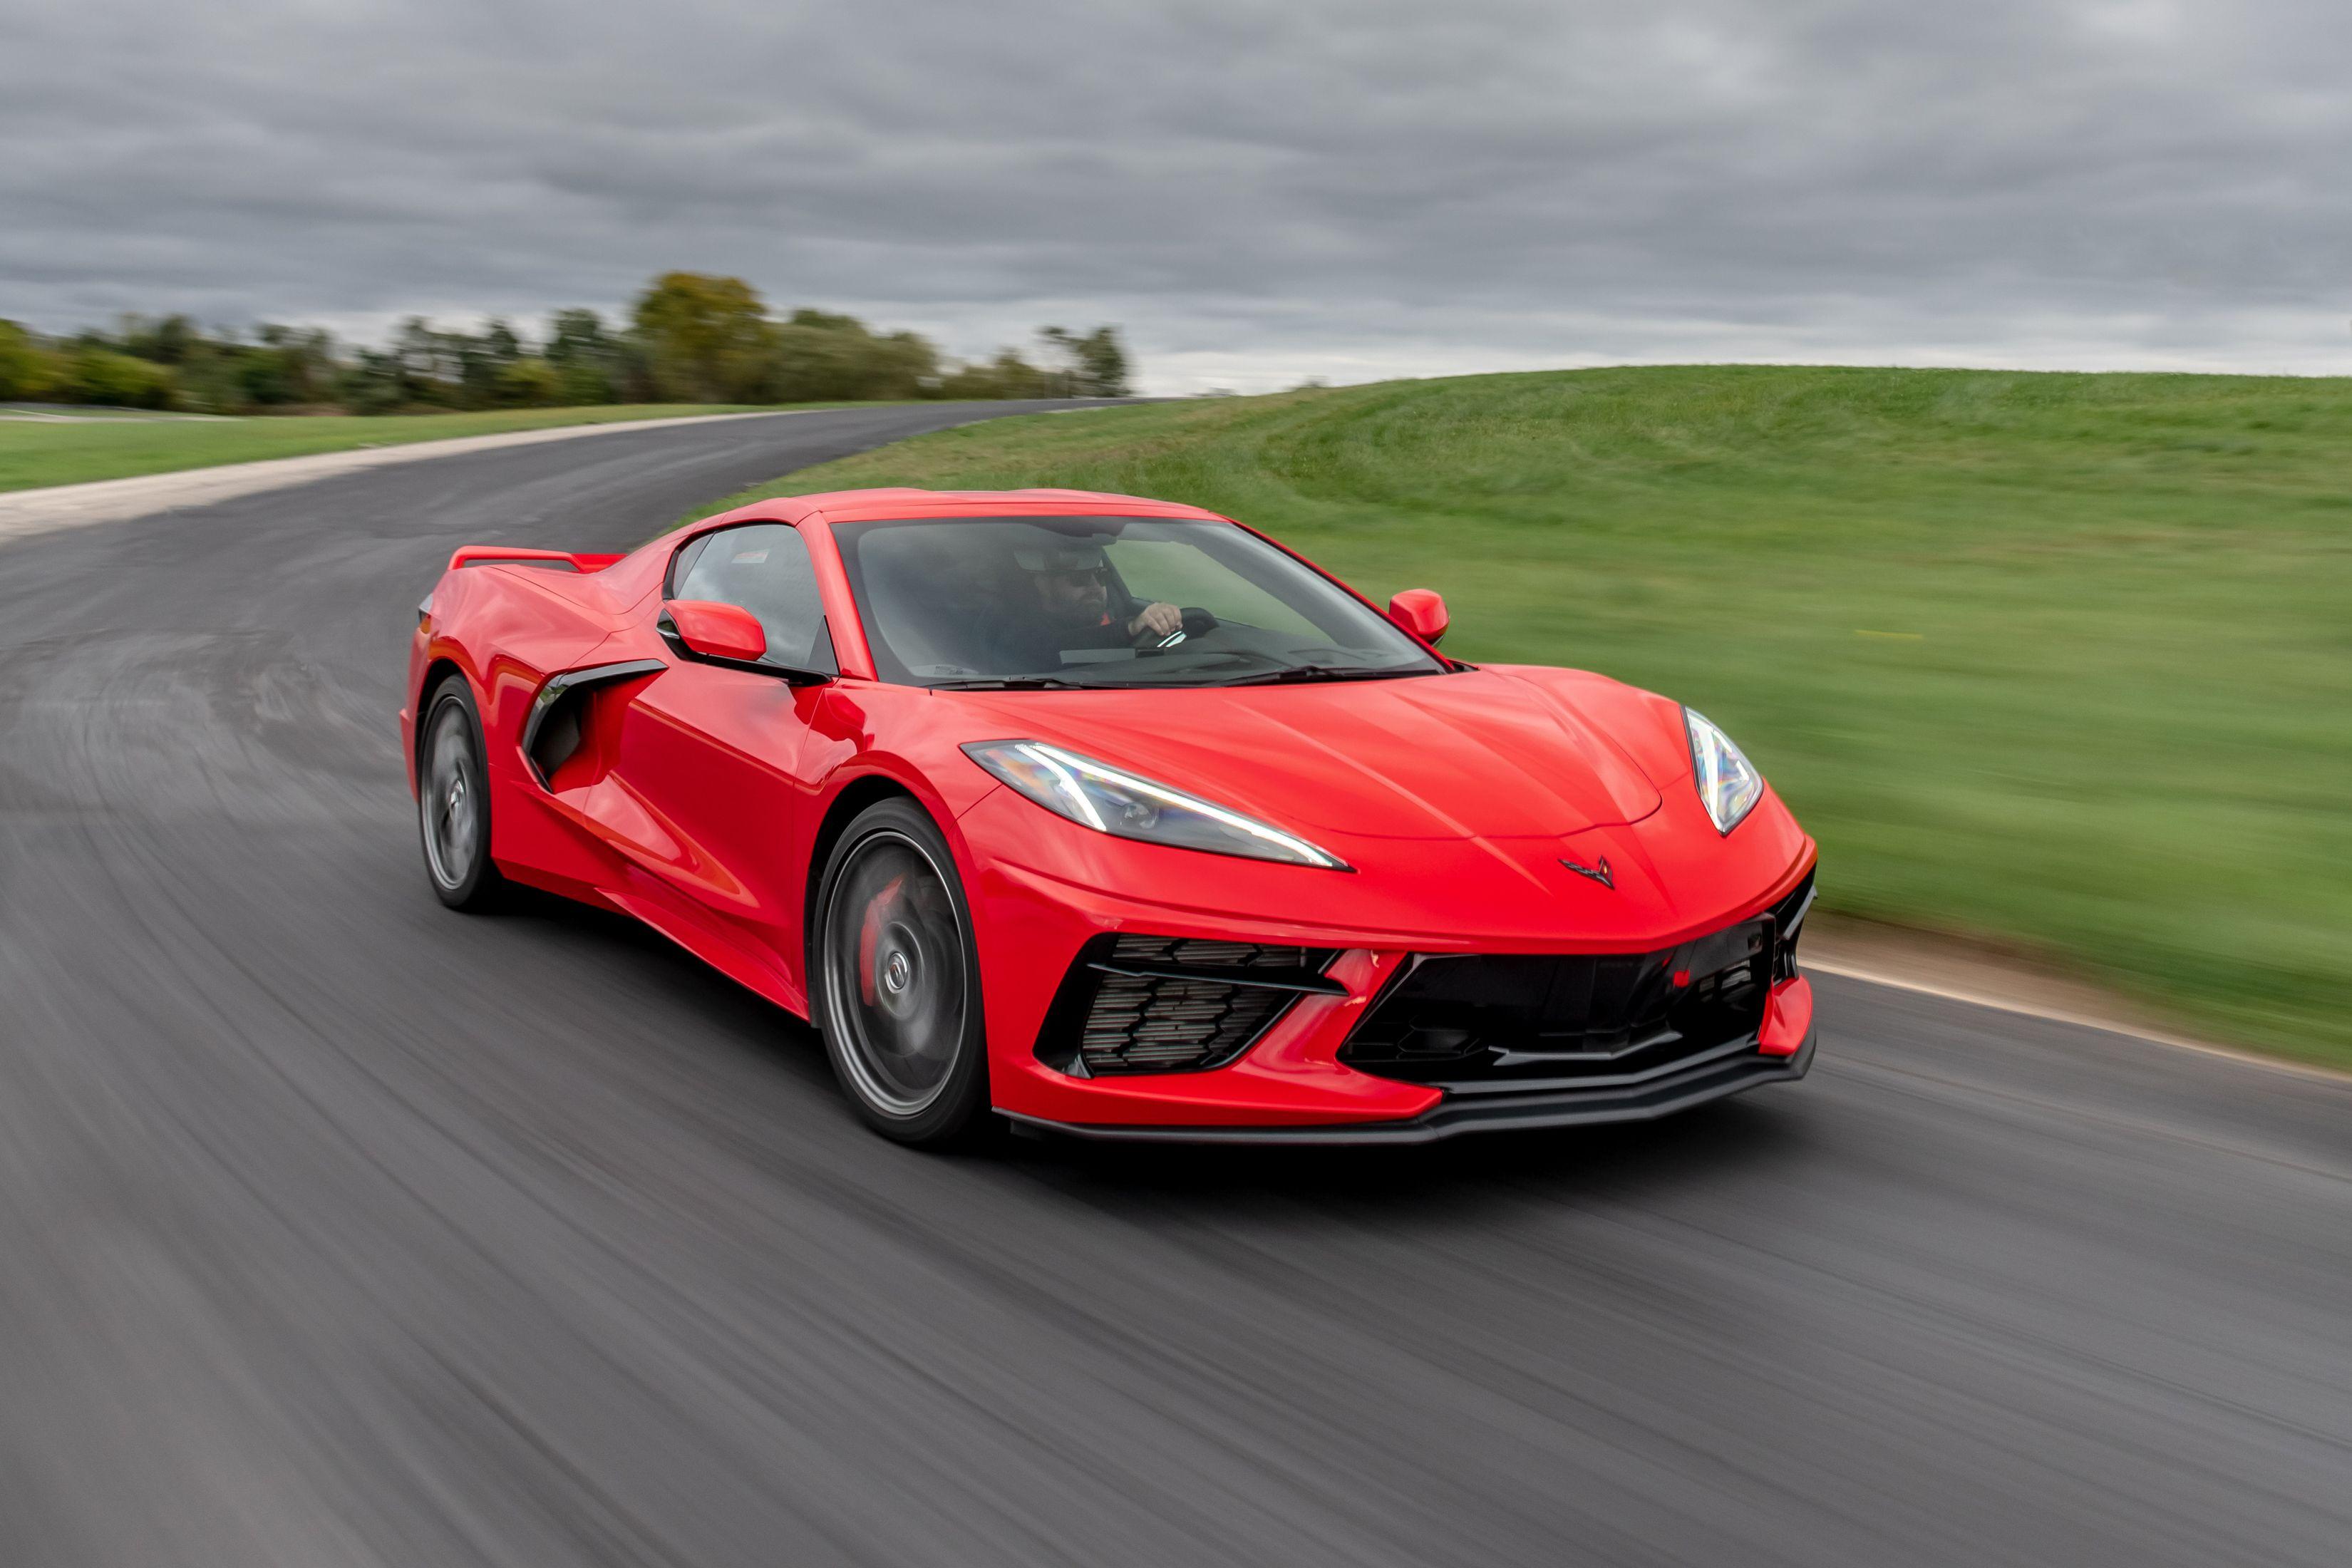 На специальном мероприятии в Детройте организаторы конкурса NACTOY назвали победителей премии. Лучшим легковым автомобилем года стал Chevrolet Corvette восьмого поколения.